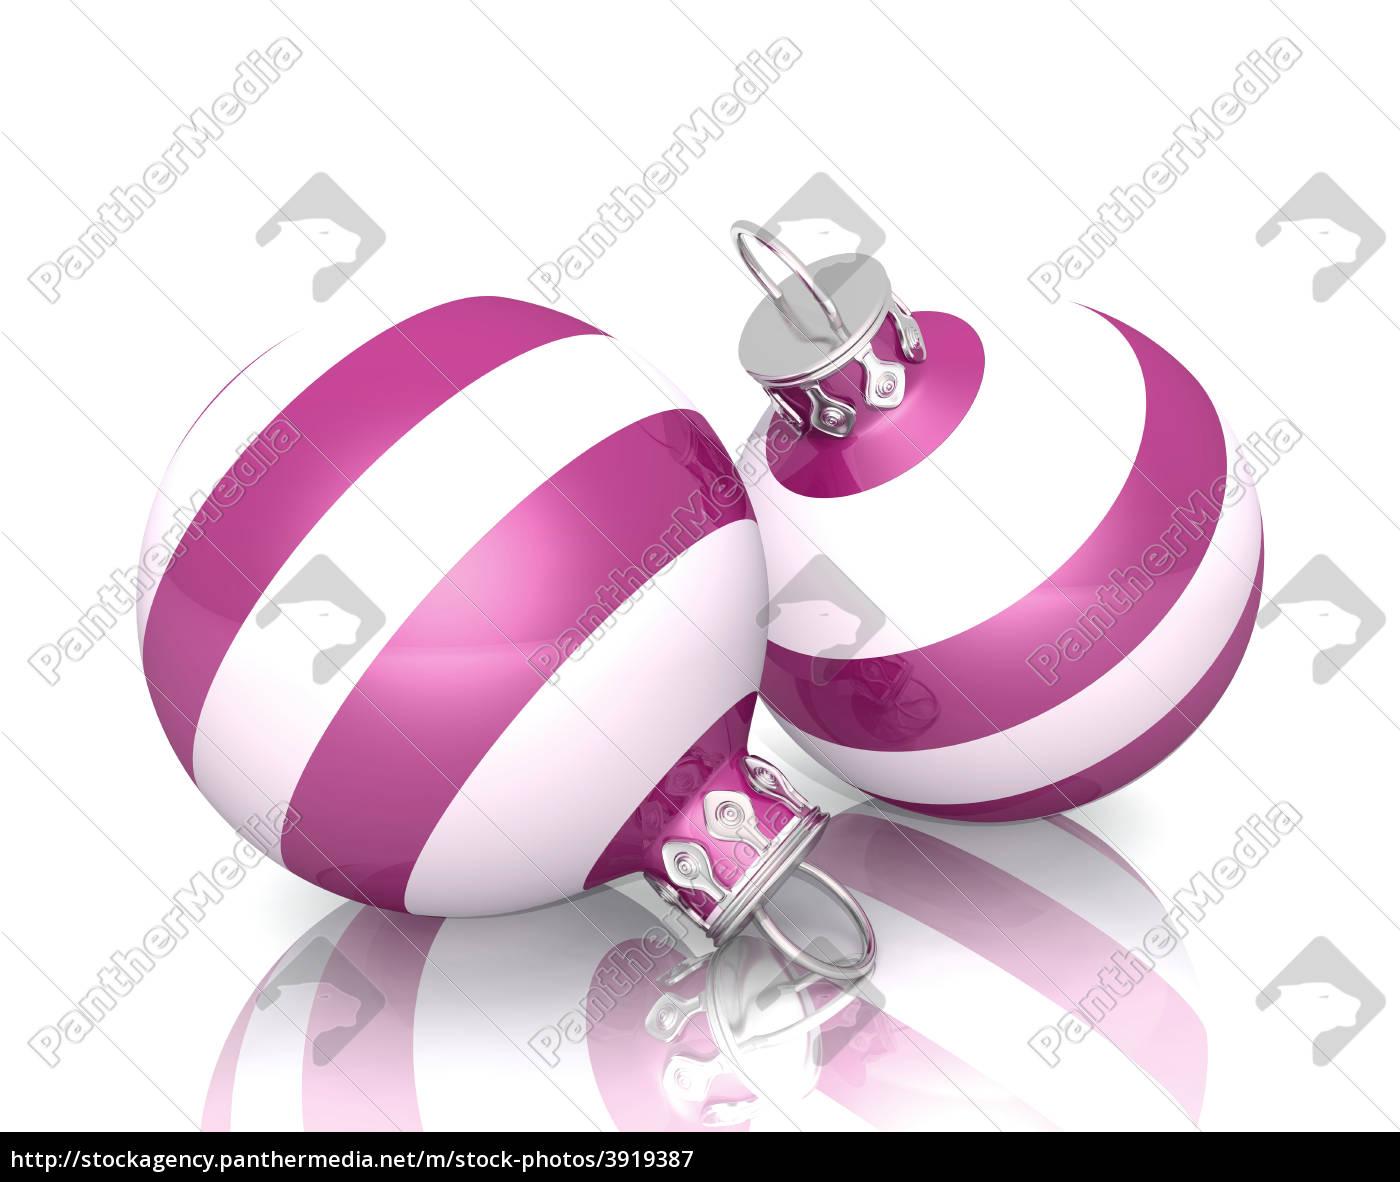 Weihnachtskugeln Pink.Lizenzfreies Bild 3919387 Weihnachtskugeln 2x Pink Weiß Gestreift 02